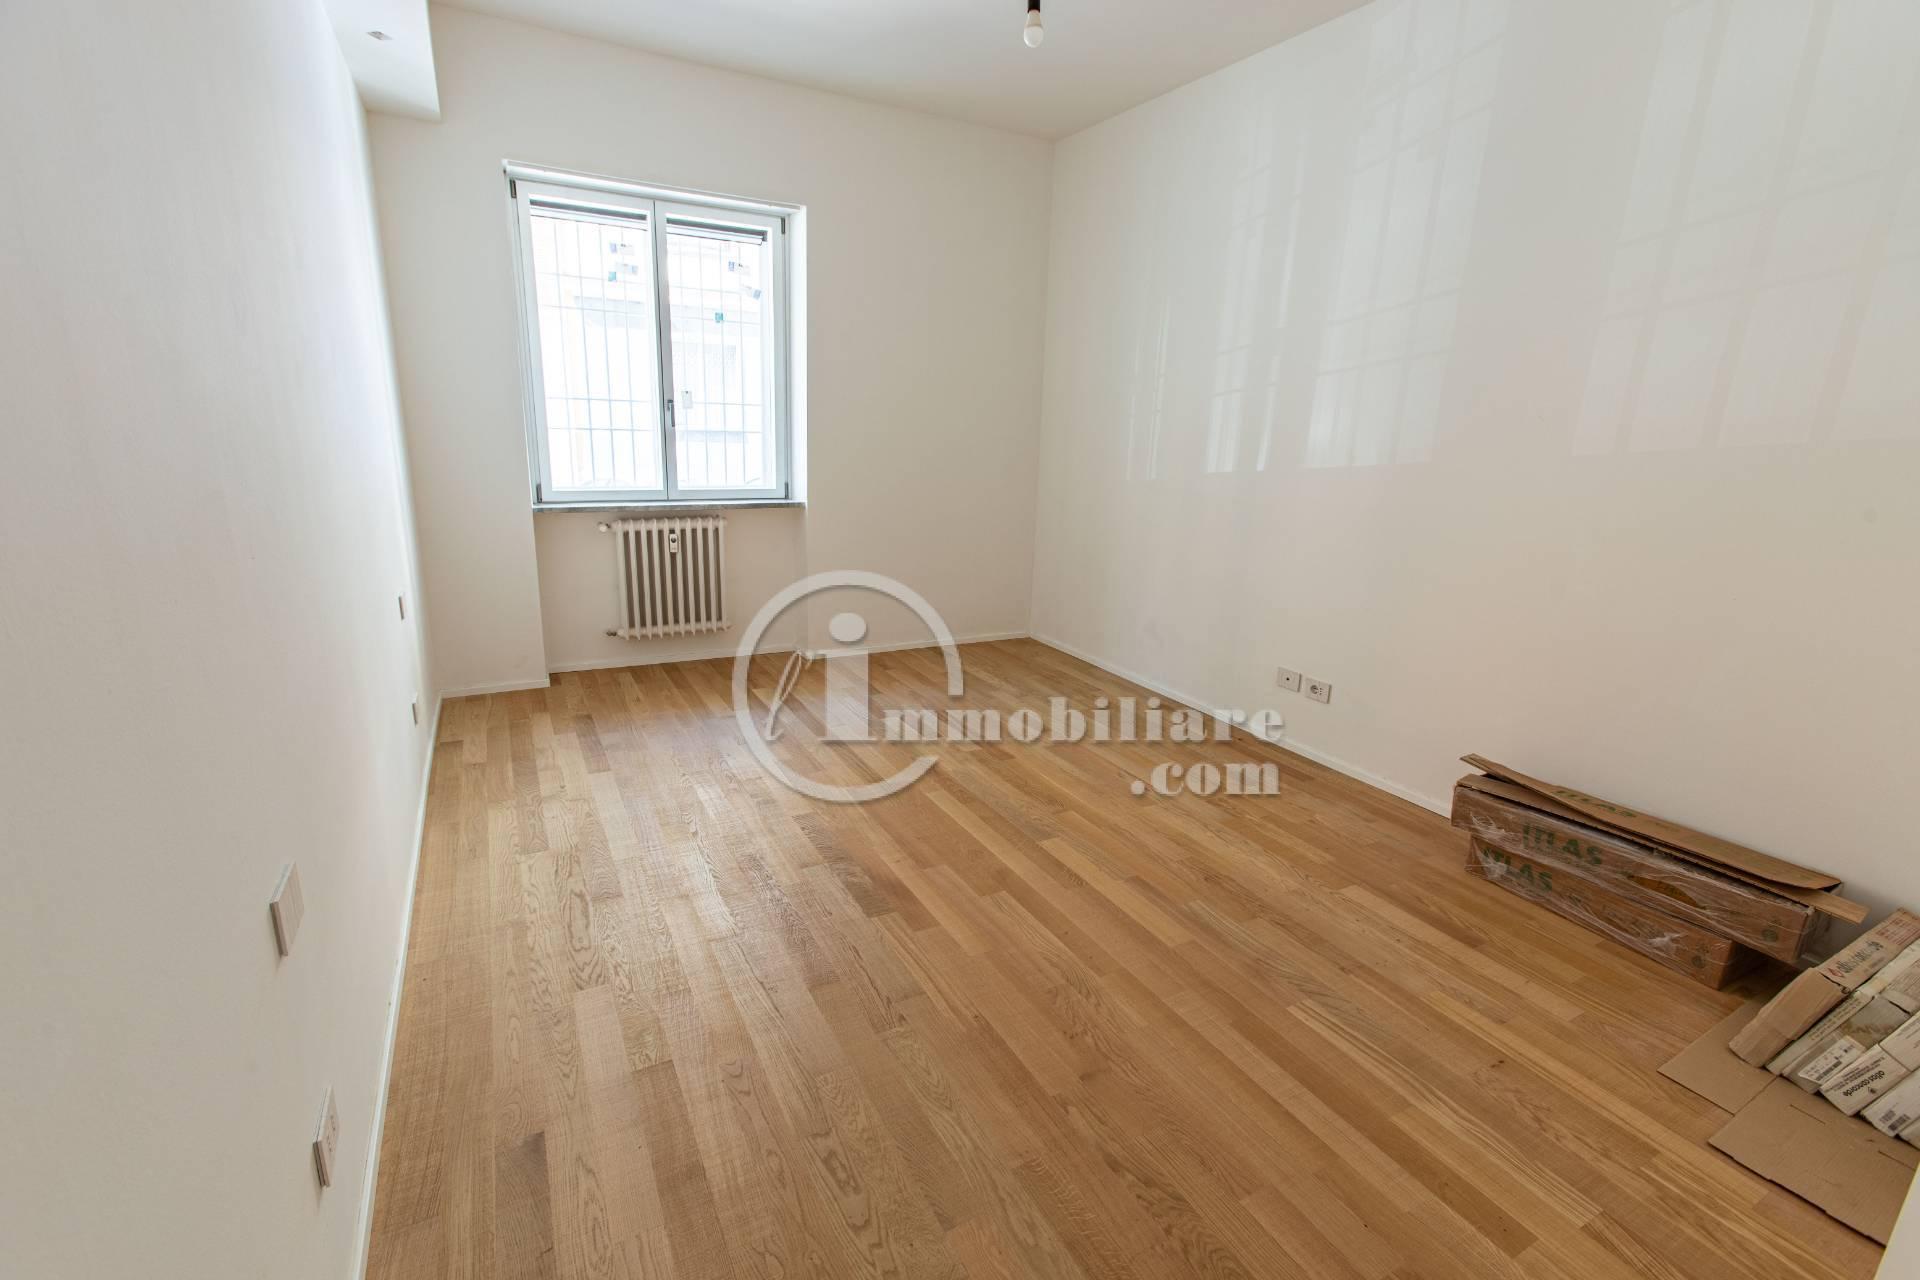 Appartamento in Vendita a Milano: 3 locali, 75 mq - Foto 10